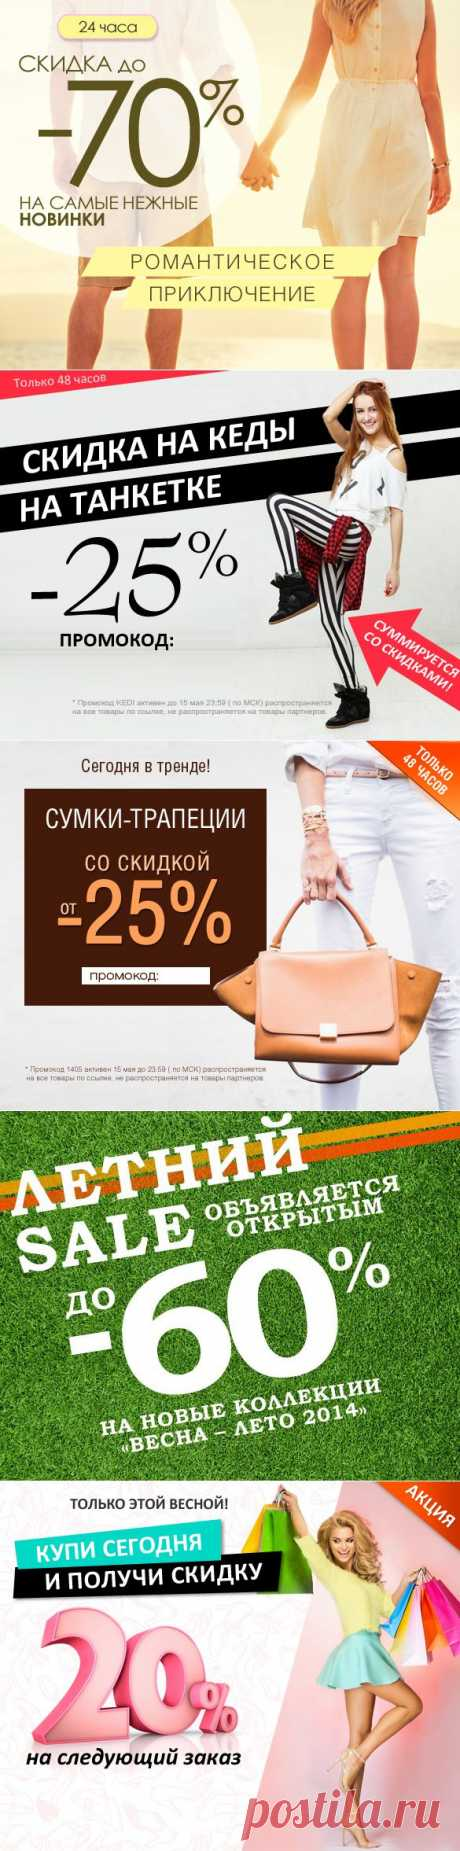 Sapato.ru — интернет-магазин обуви. Продажа обуви с доставкой по России. Огромный каталог и постоянно увеличивающийся ассортимент обуви, эксклюзивные модели.